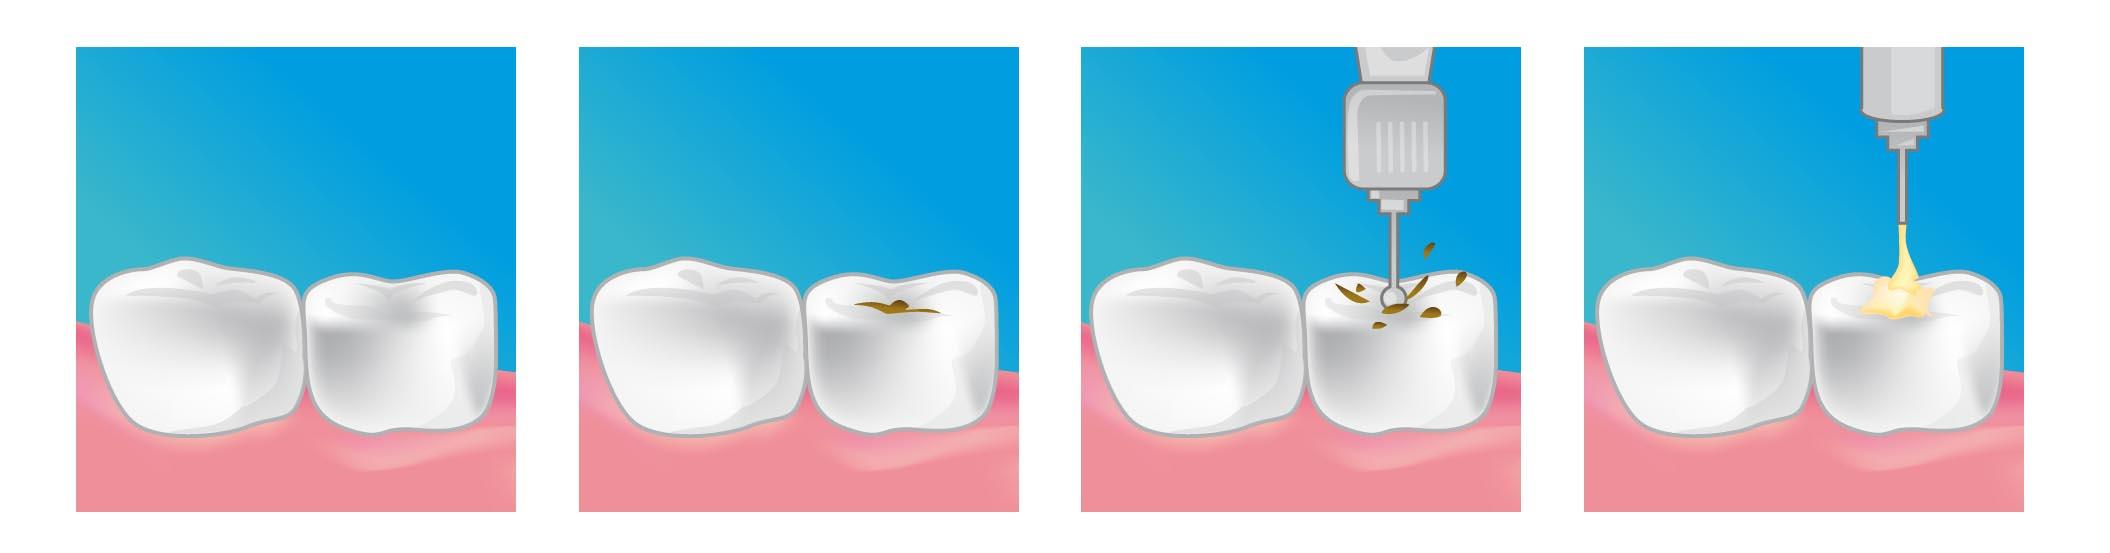 les caries neuilly sur marne 93330 dentiste selarl du. Black Bedroom Furniture Sets. Home Design Ideas